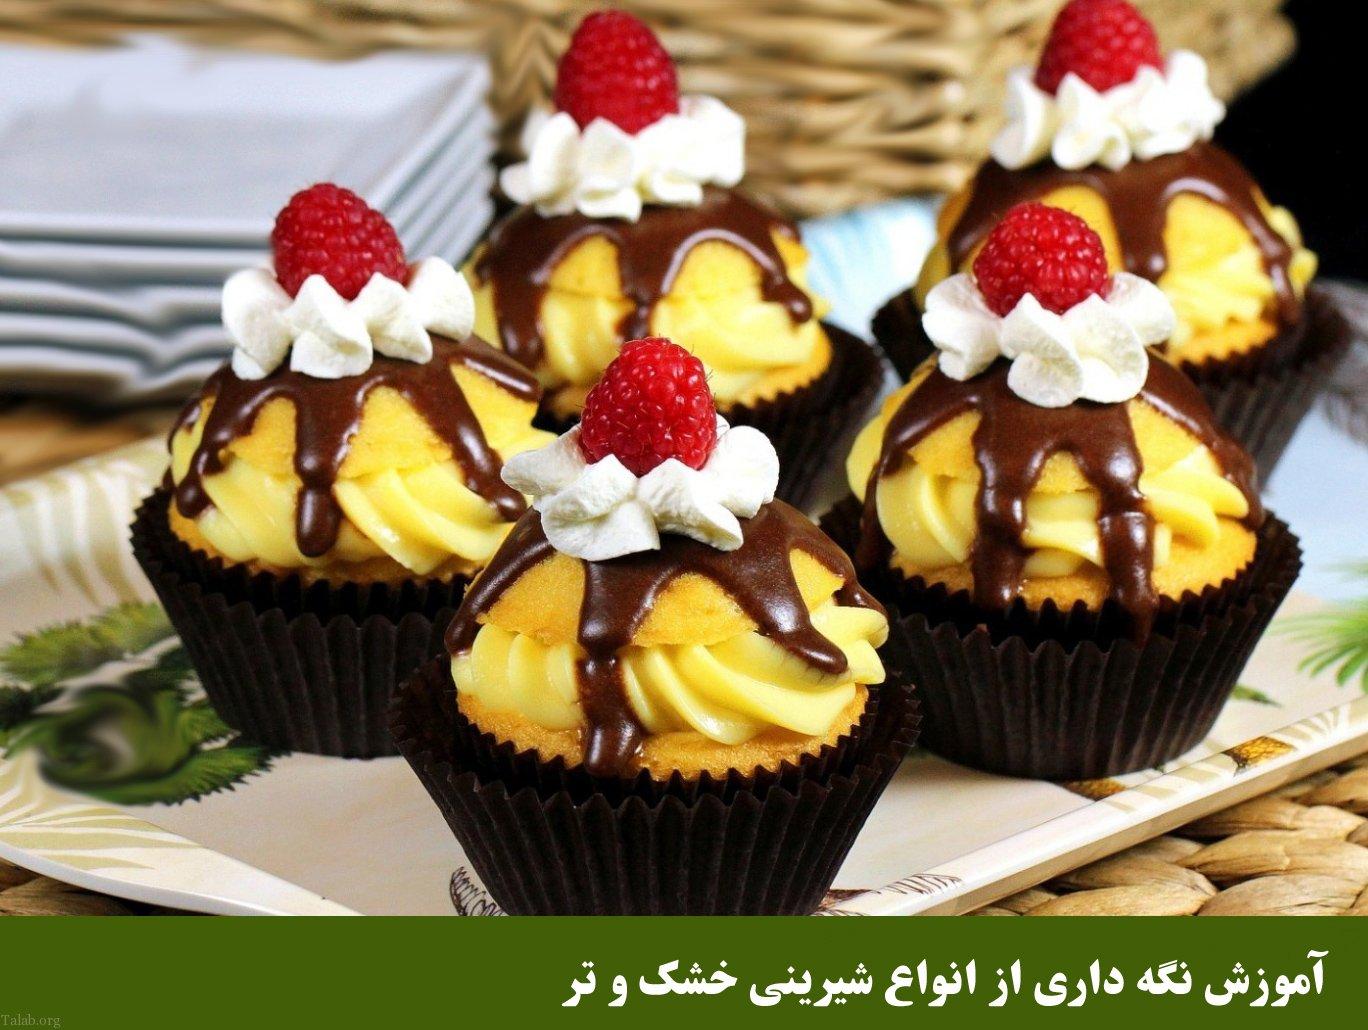 نگهداری از شیرینی برای مدت طولانی | نکات مهم در نگهداری شیرینی خشک و تر